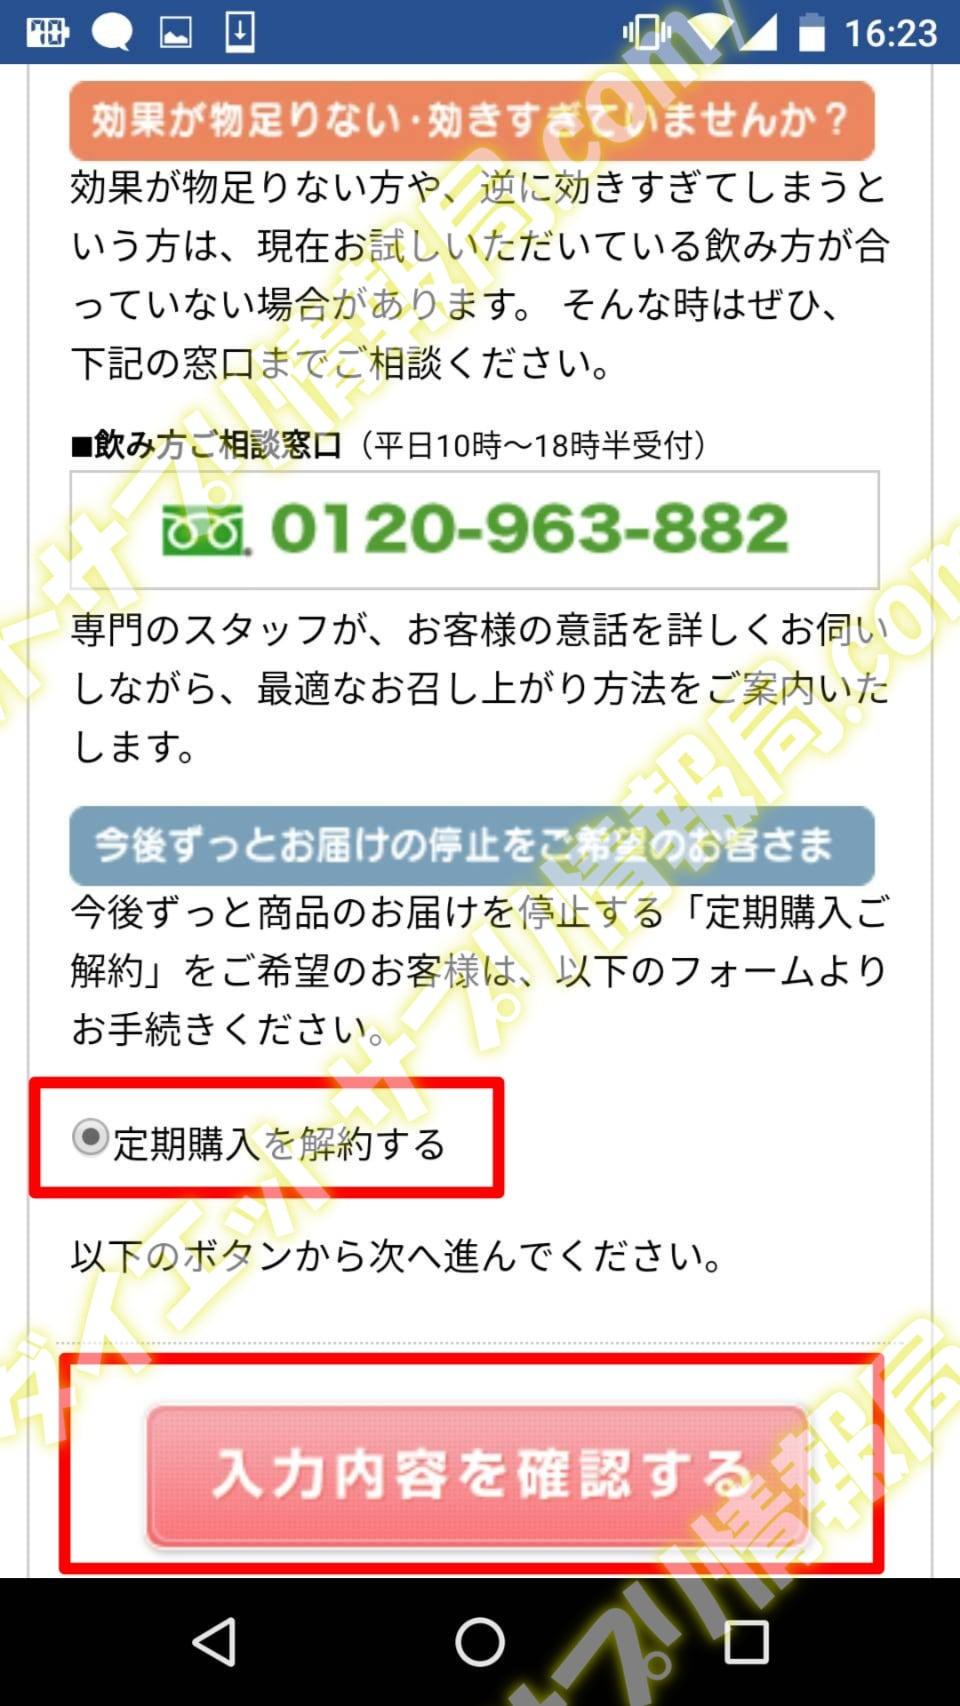 シボヘールを会員専用ページから解約「定期購入を解約する」にチェックを入れて「入力内容を確認する」をクリック